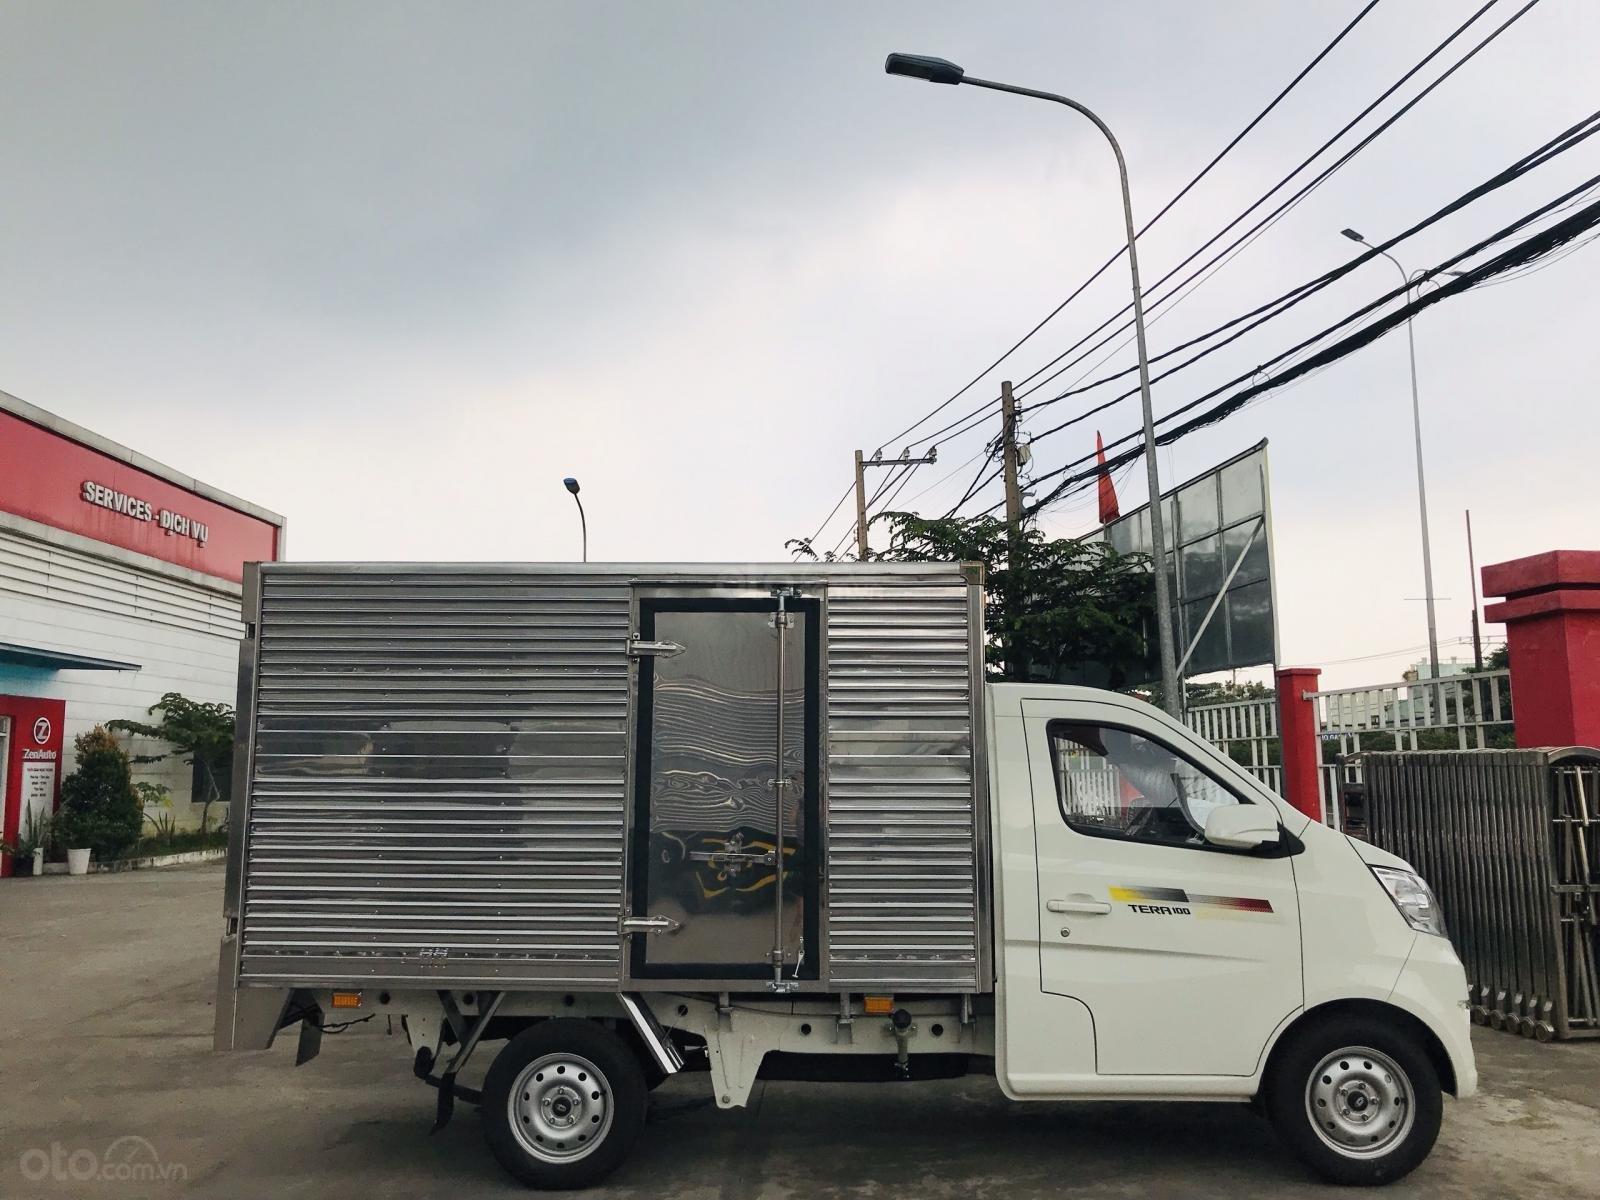 Cần bán xe tải Tera 100, động cơ Mitsubishi (5)